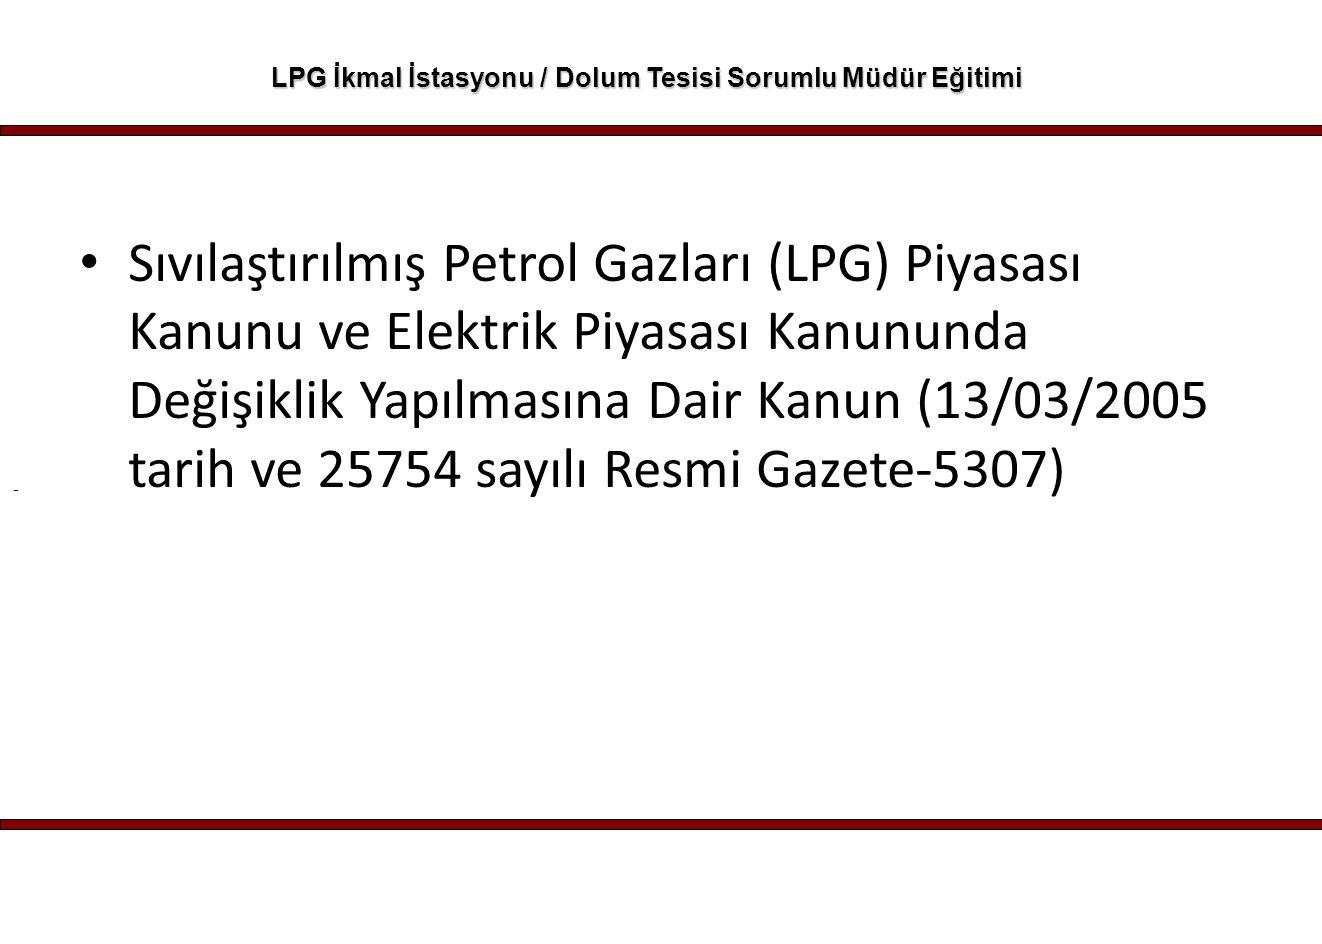 - LPG İkmal İstasyonu / Dolum Tesisi Sorumlu Müdür Eğitimi Sıvılaştırılmış Petrol Gazları (LPG) Piyasası Kanunu ve Elektrik Piyasası Kanununda Değişik